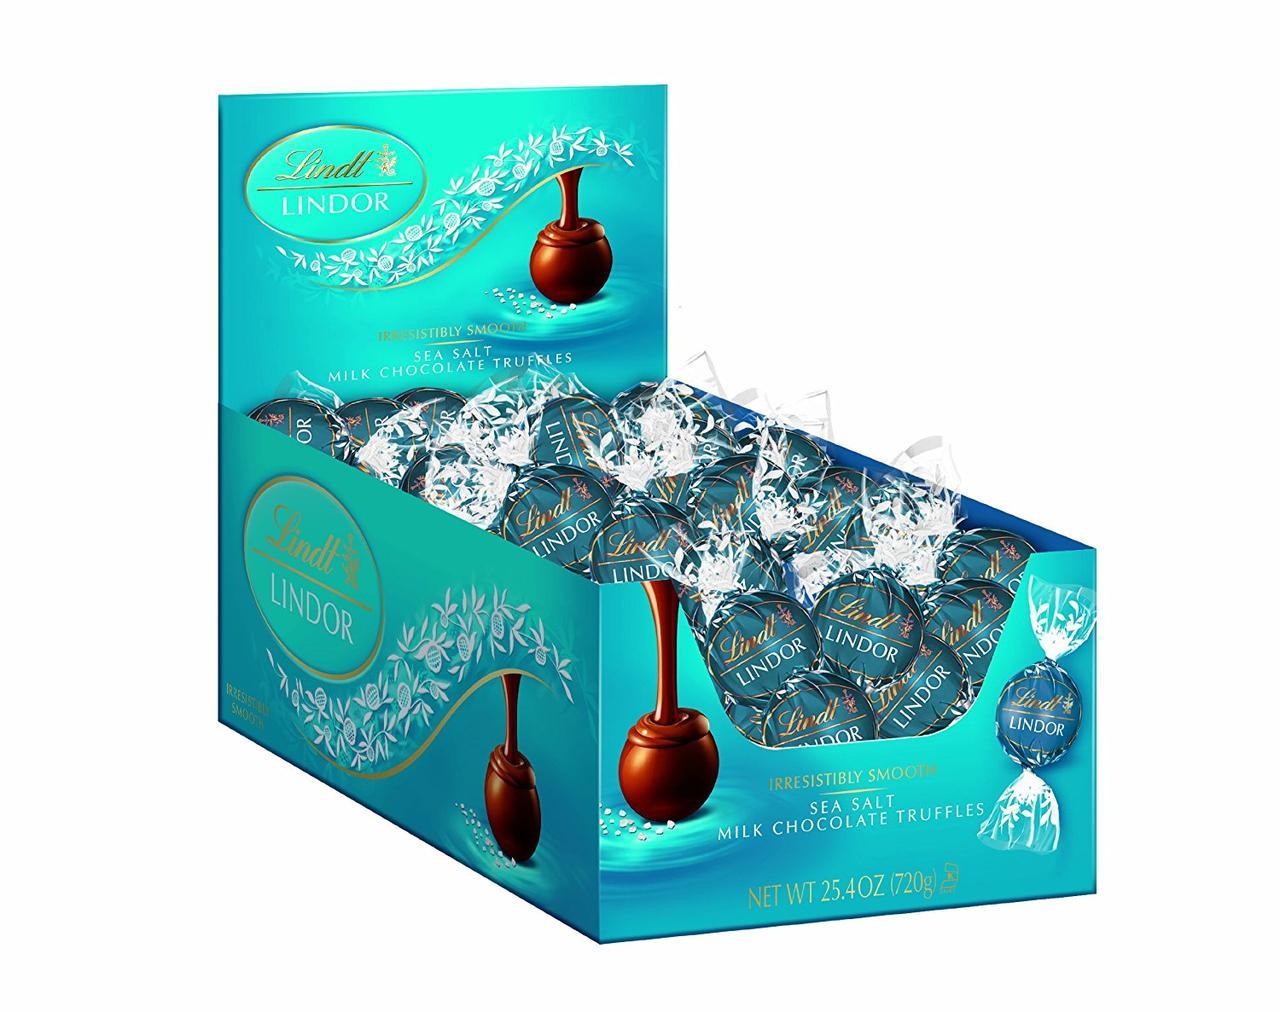 Lindt Lindor Трюфели молочный шоколад с морской солью, 720г